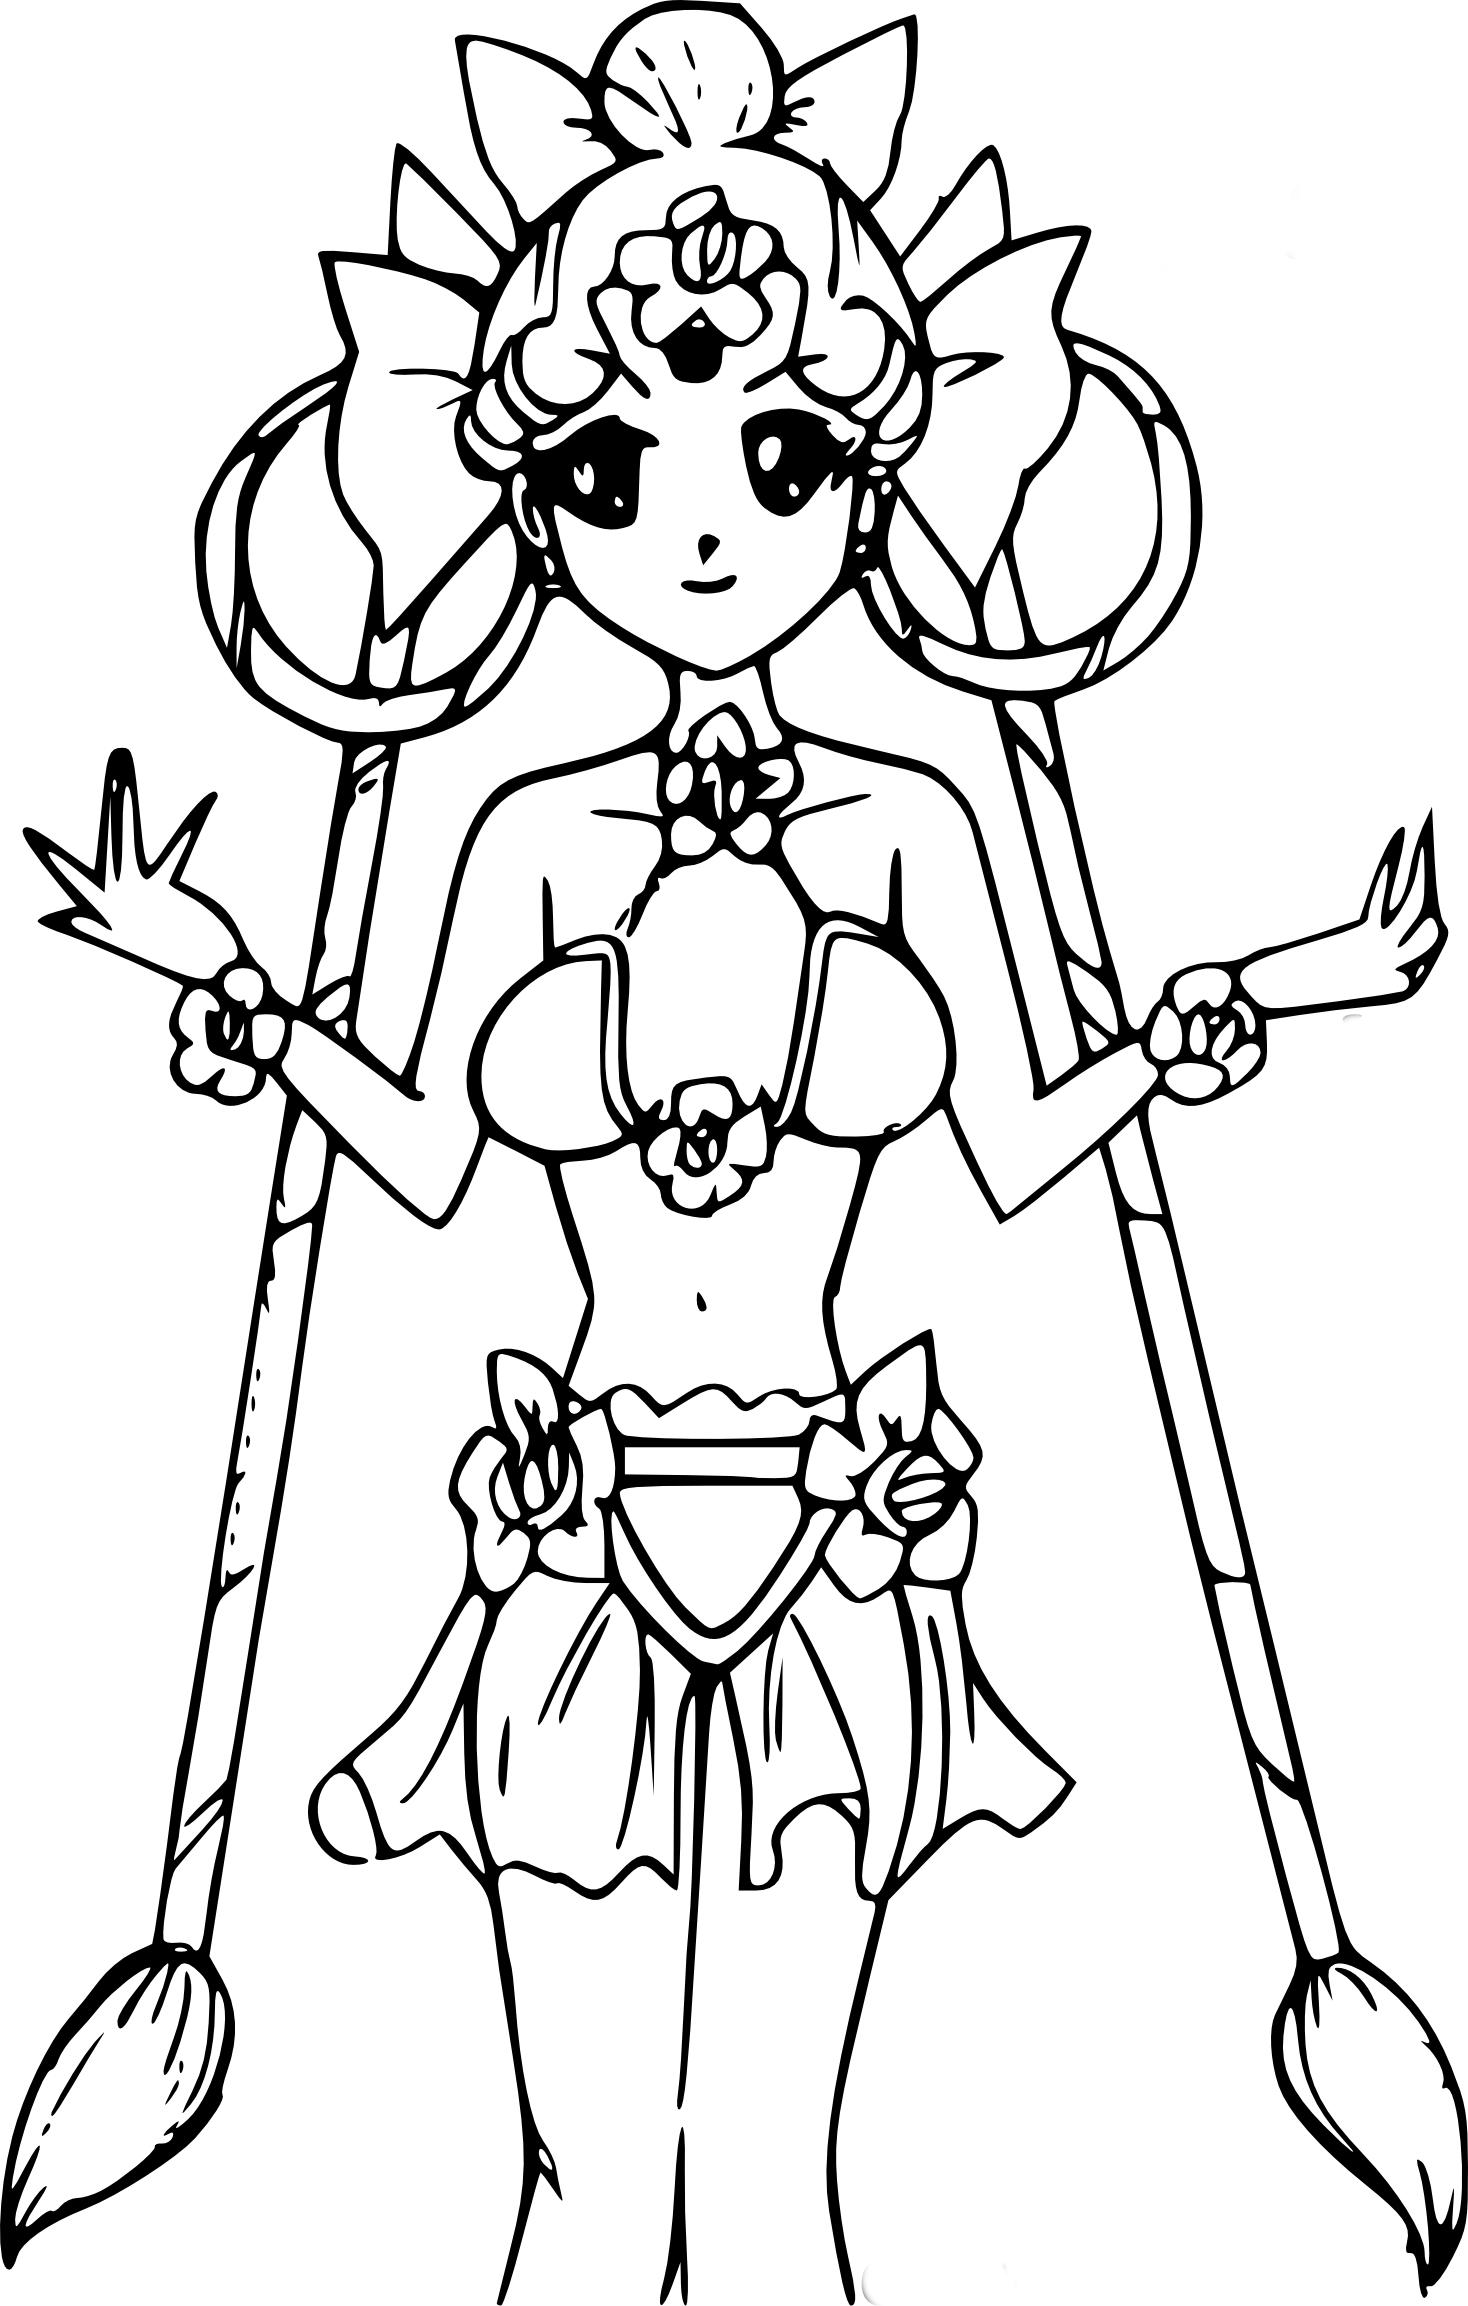 Coloriage CereCere SailorMoon  imprimer et colorier